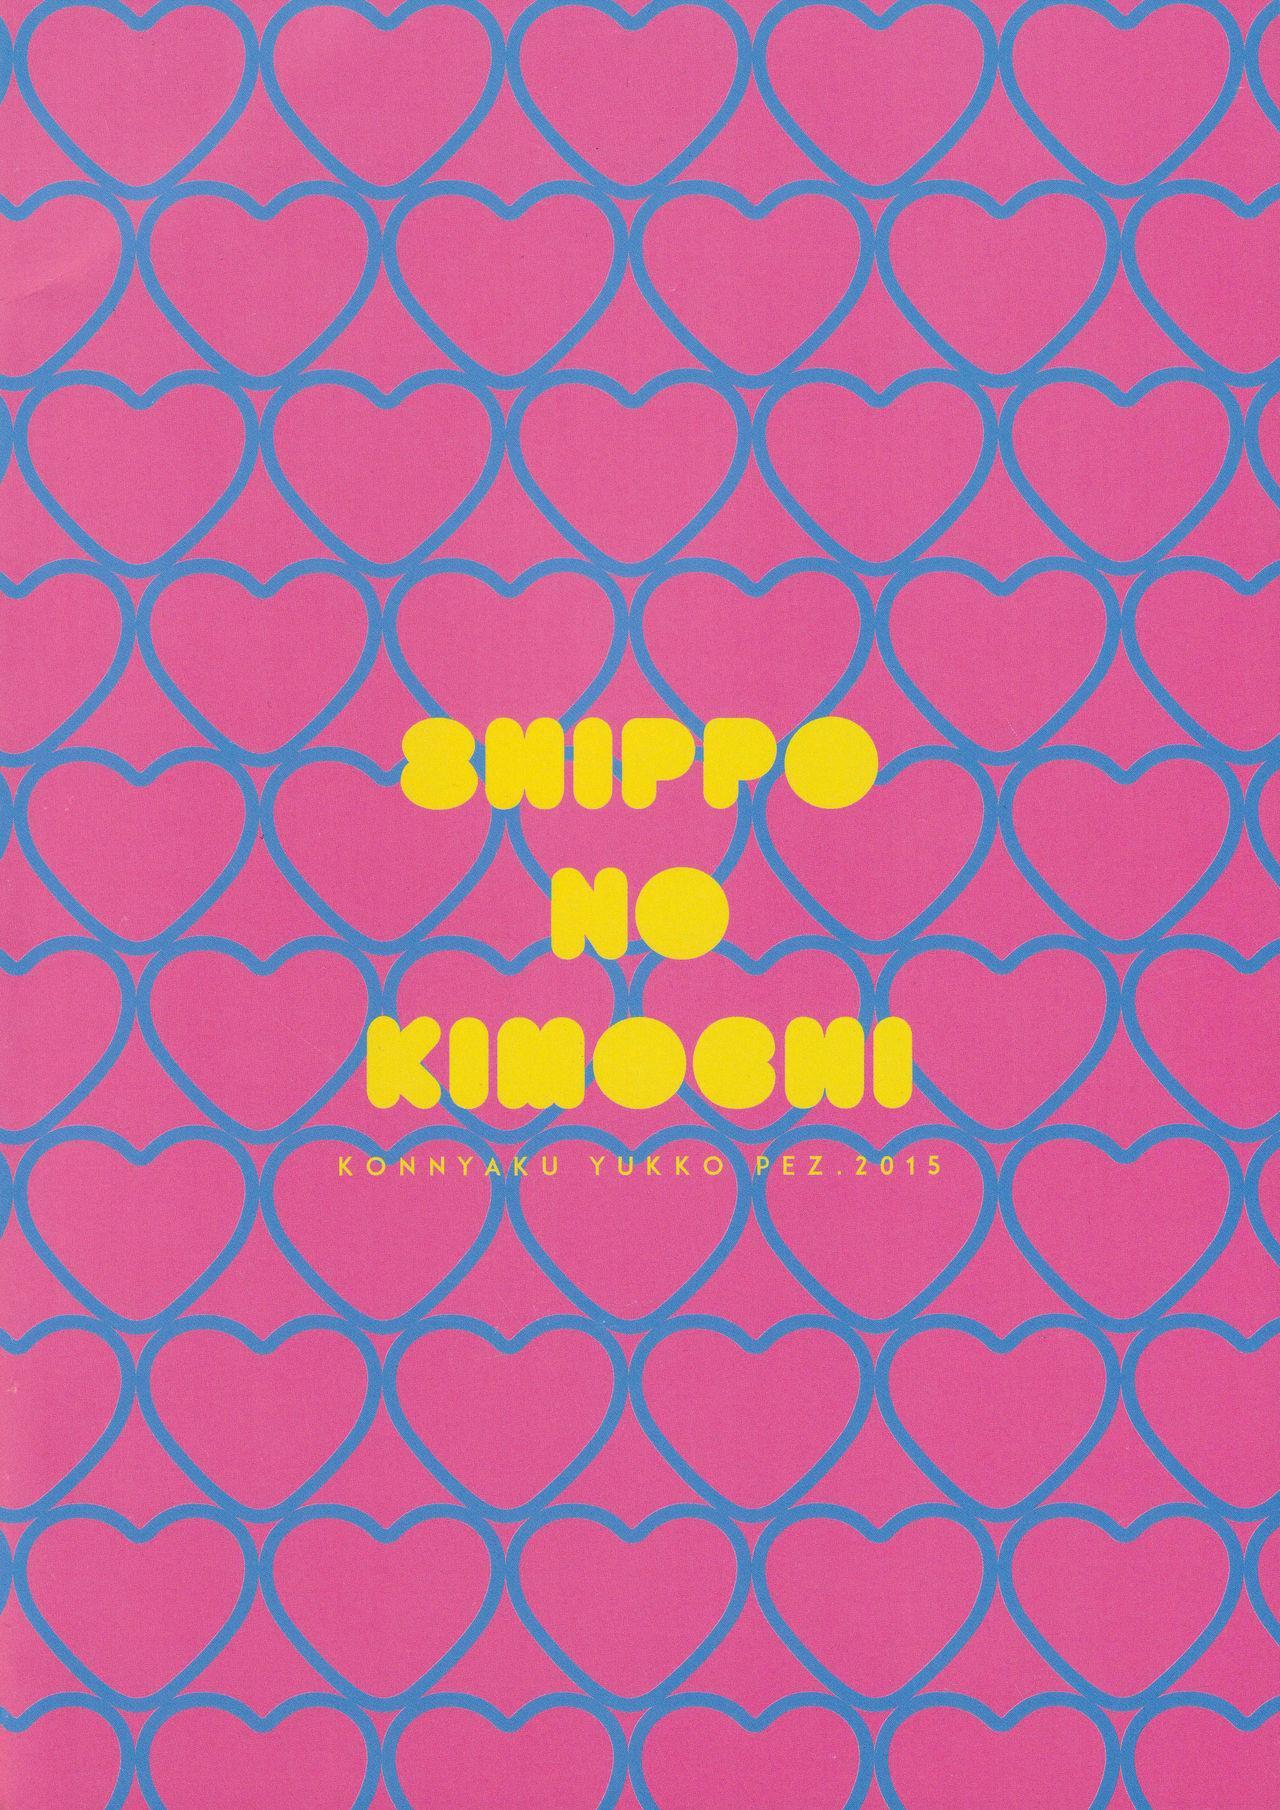 Shippo no Kimochi 12